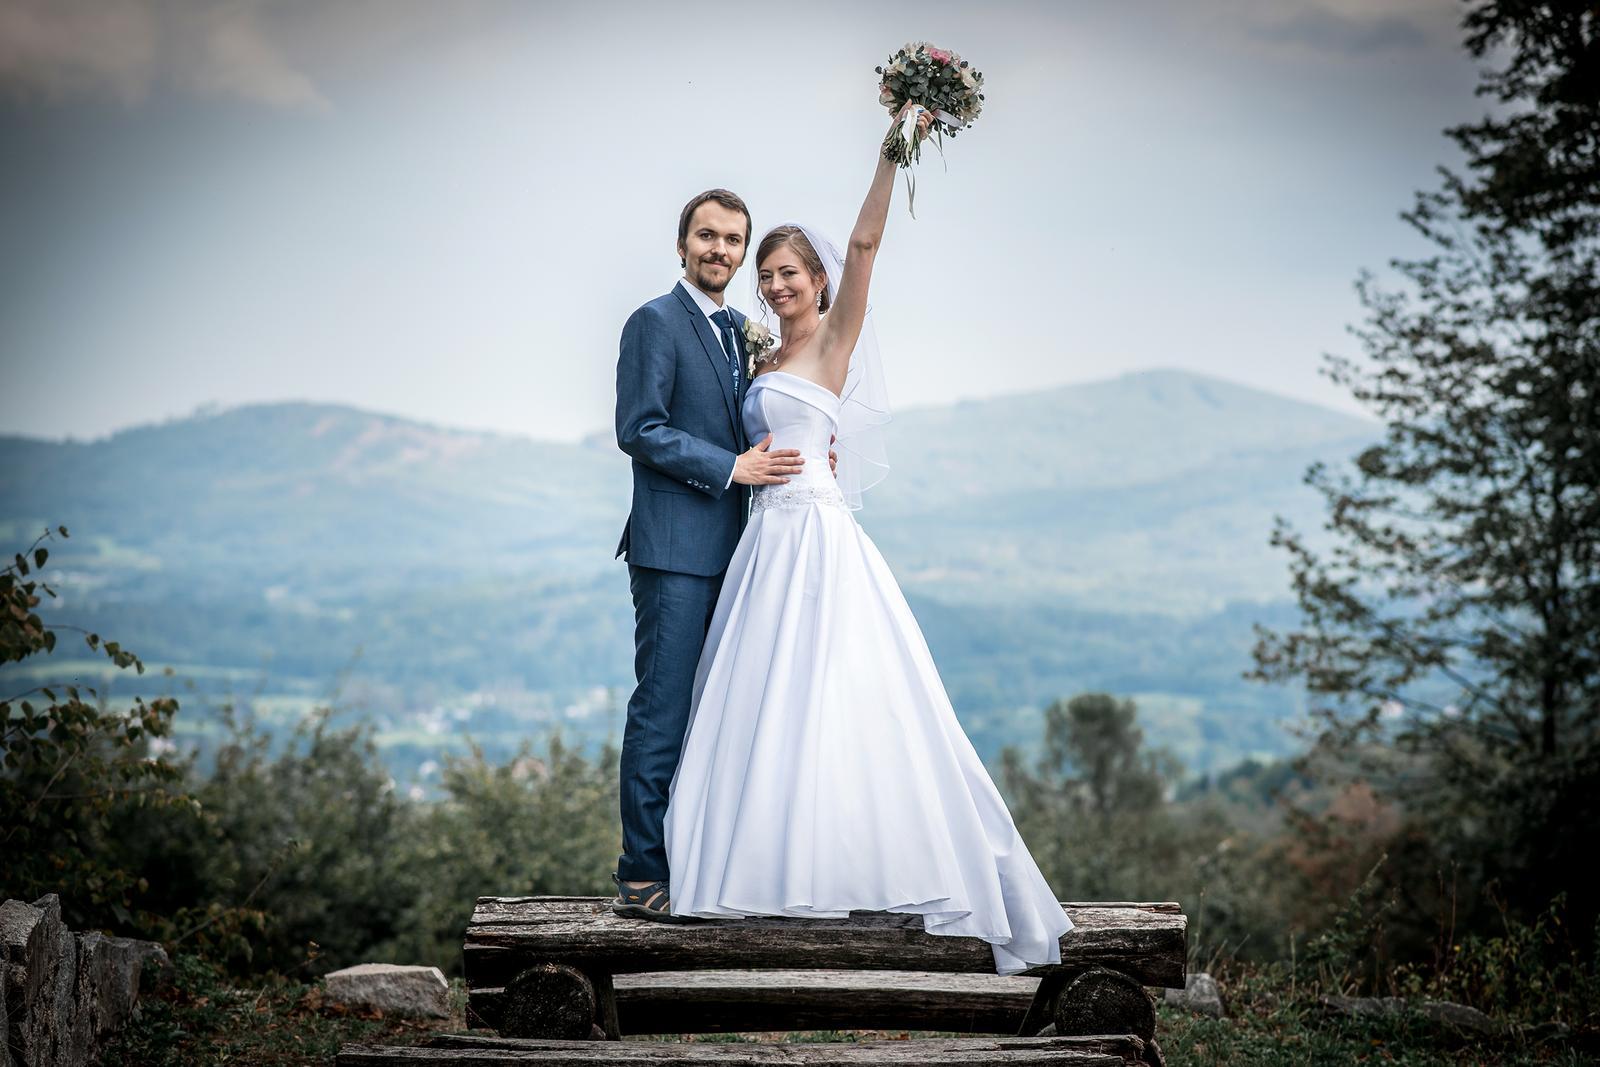 Svadba na hranicích s Polskem ♥ 15.9.2018 ♥ - Obrázok č. 3